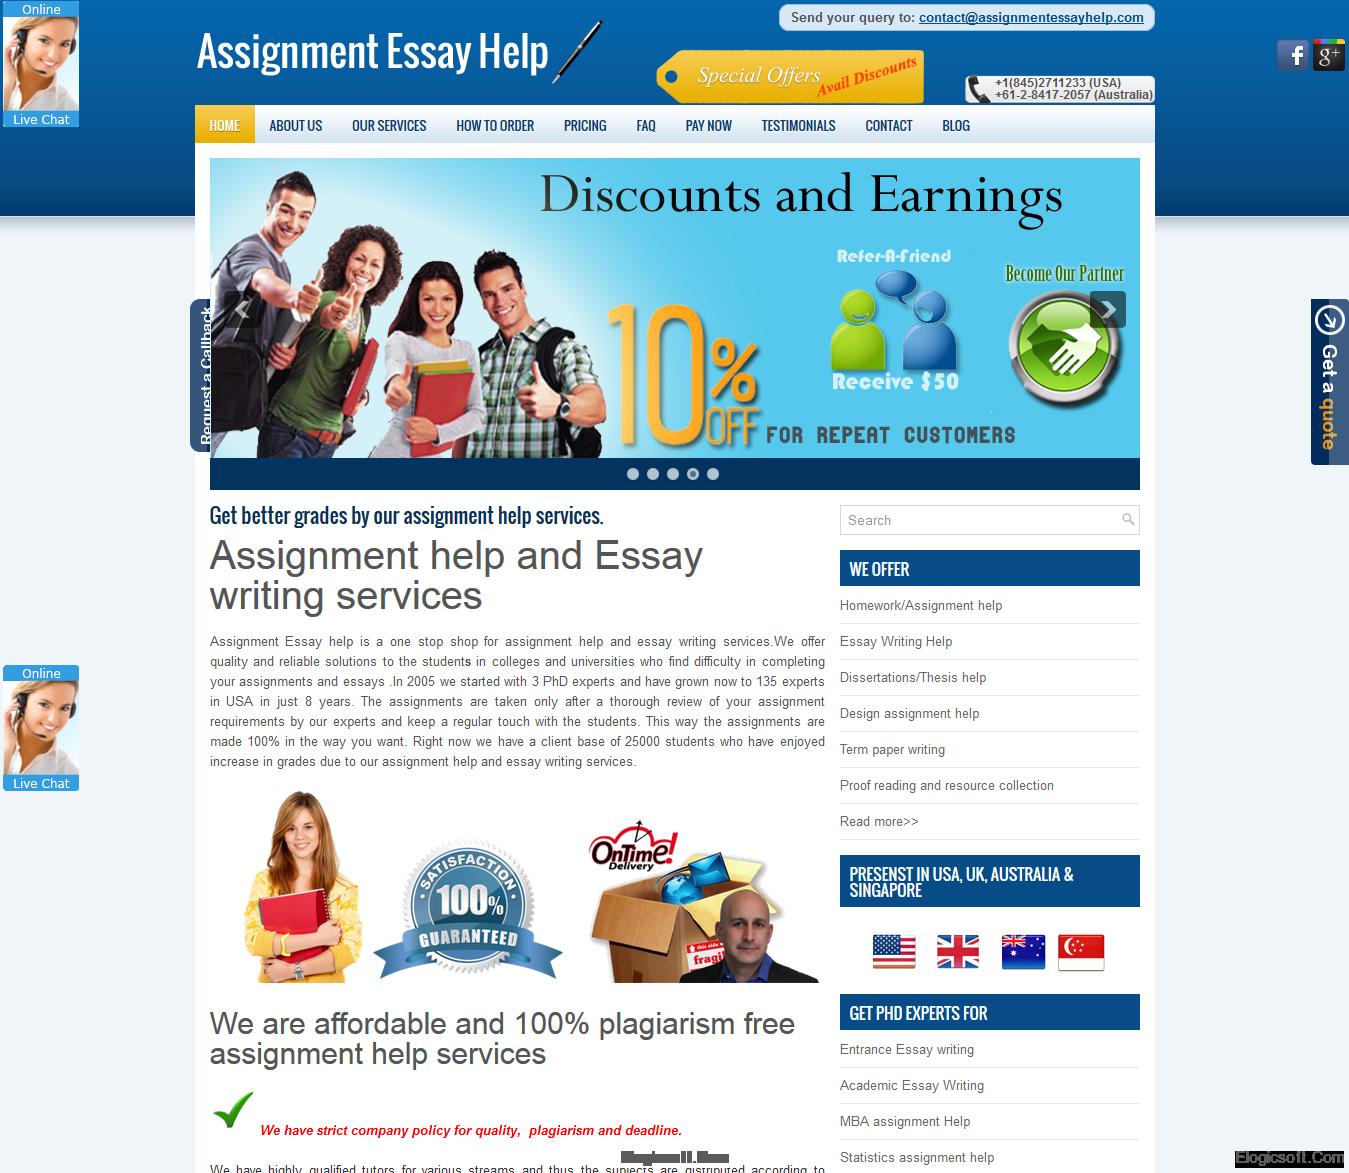 www.assignmentessayhelp.com